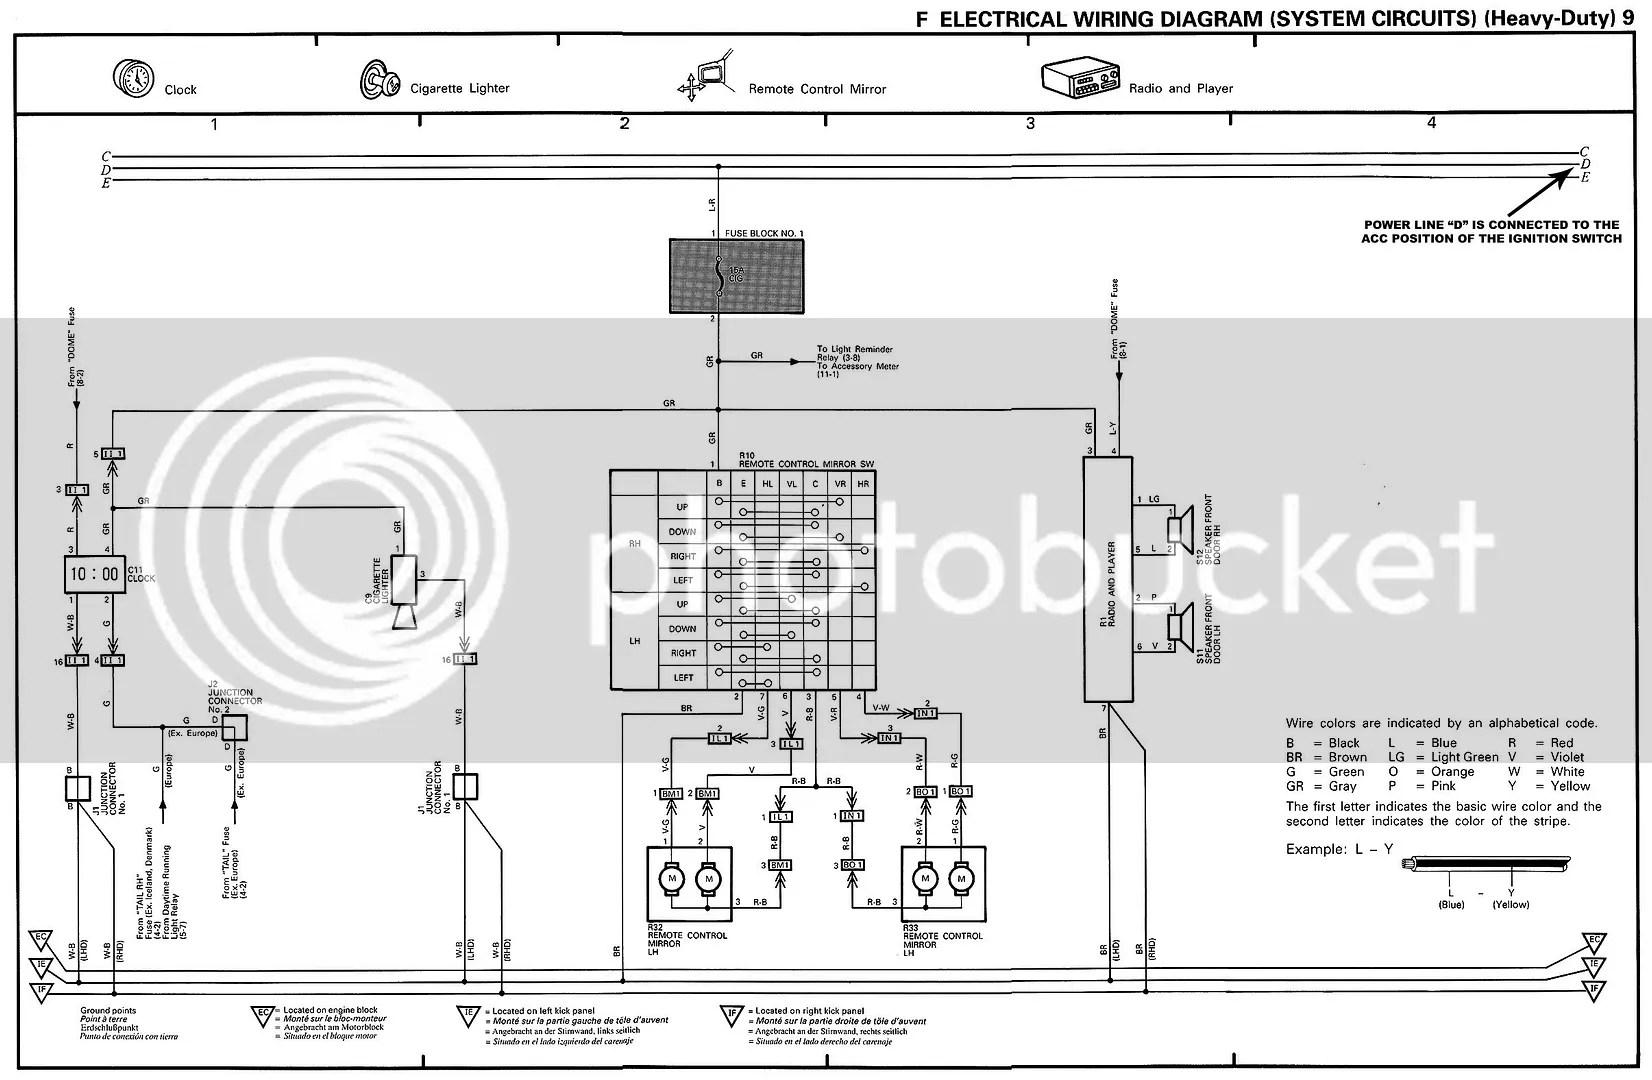 wiring diagram isuzu d max download wiring diagram rh m48 engineering year of flora be isuzu d'max electrical wiring diagram isuzu d-max 4wd wiring diagram